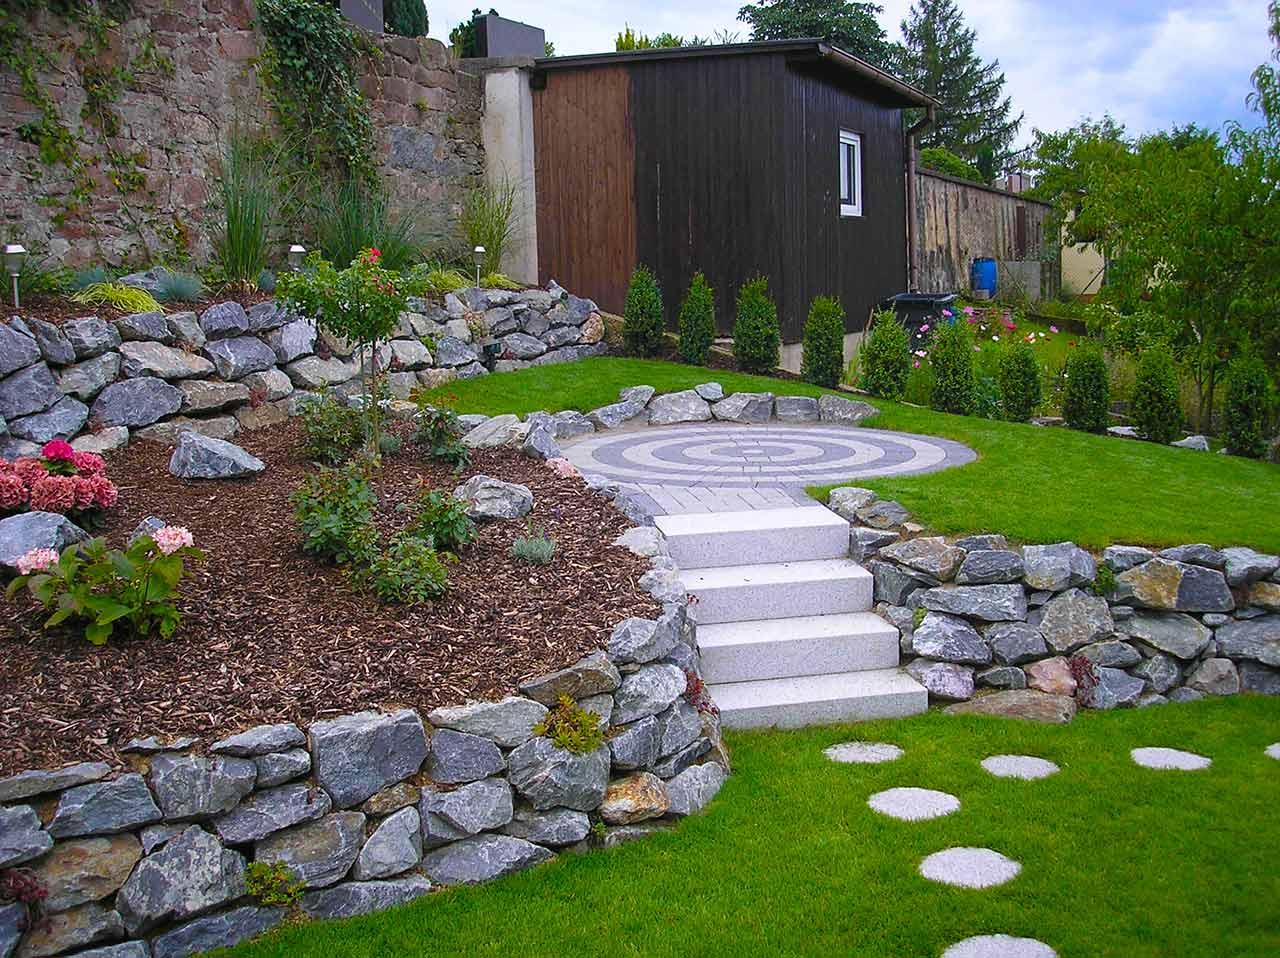 garten profi gartenbau und landschaftsbau im vorderen. Black Bedroom Furniture Sets. Home Design Ideas